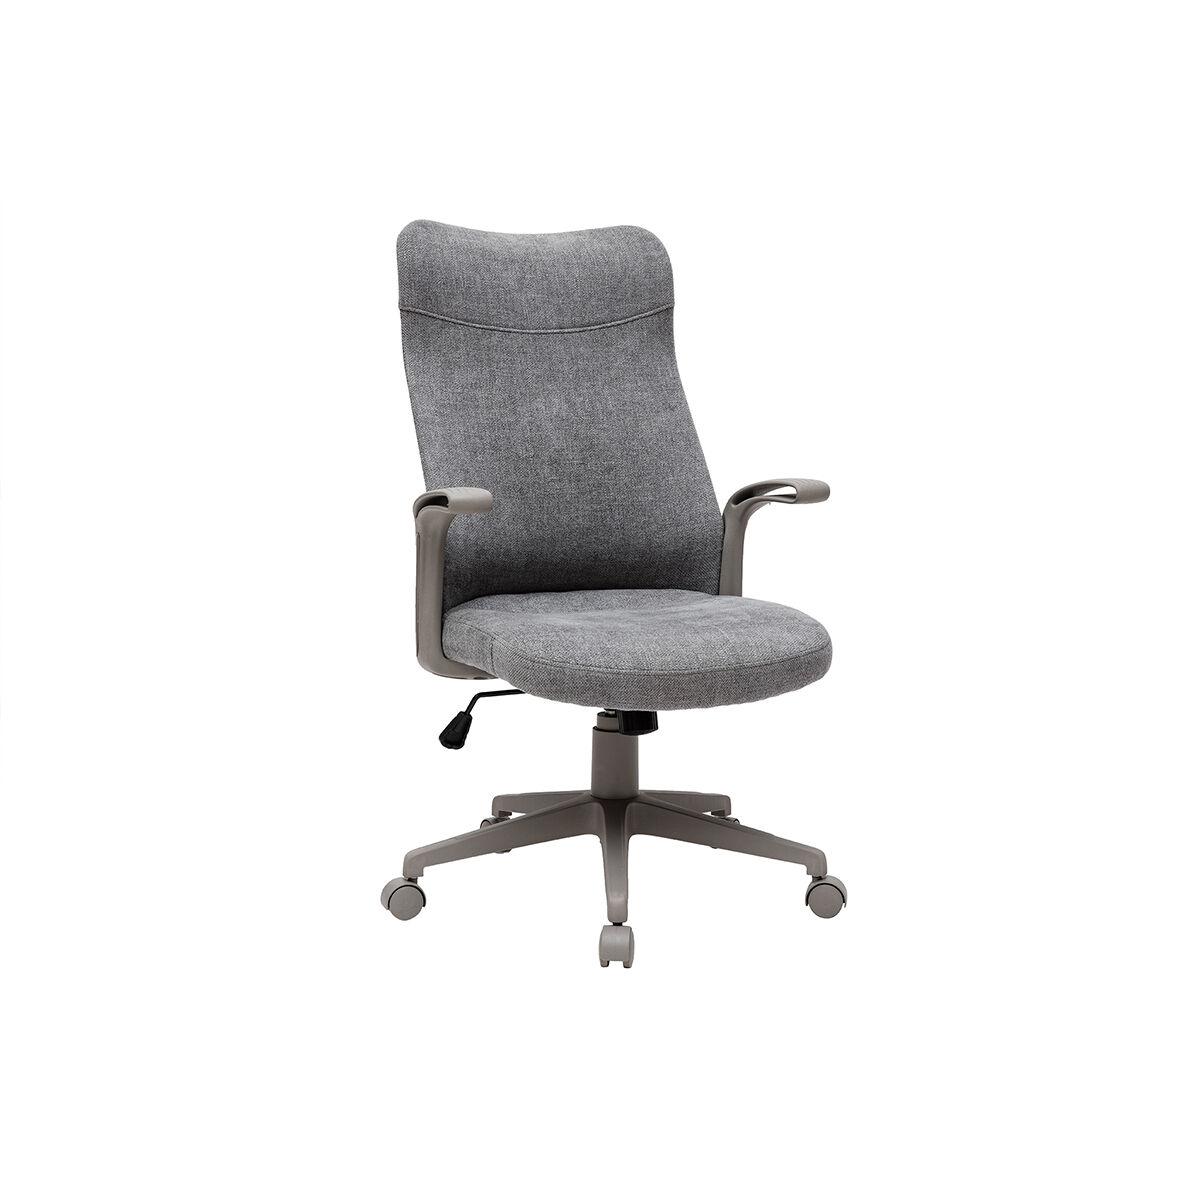 Miliboo Fauteuil de bureau design tissu gris RISTER